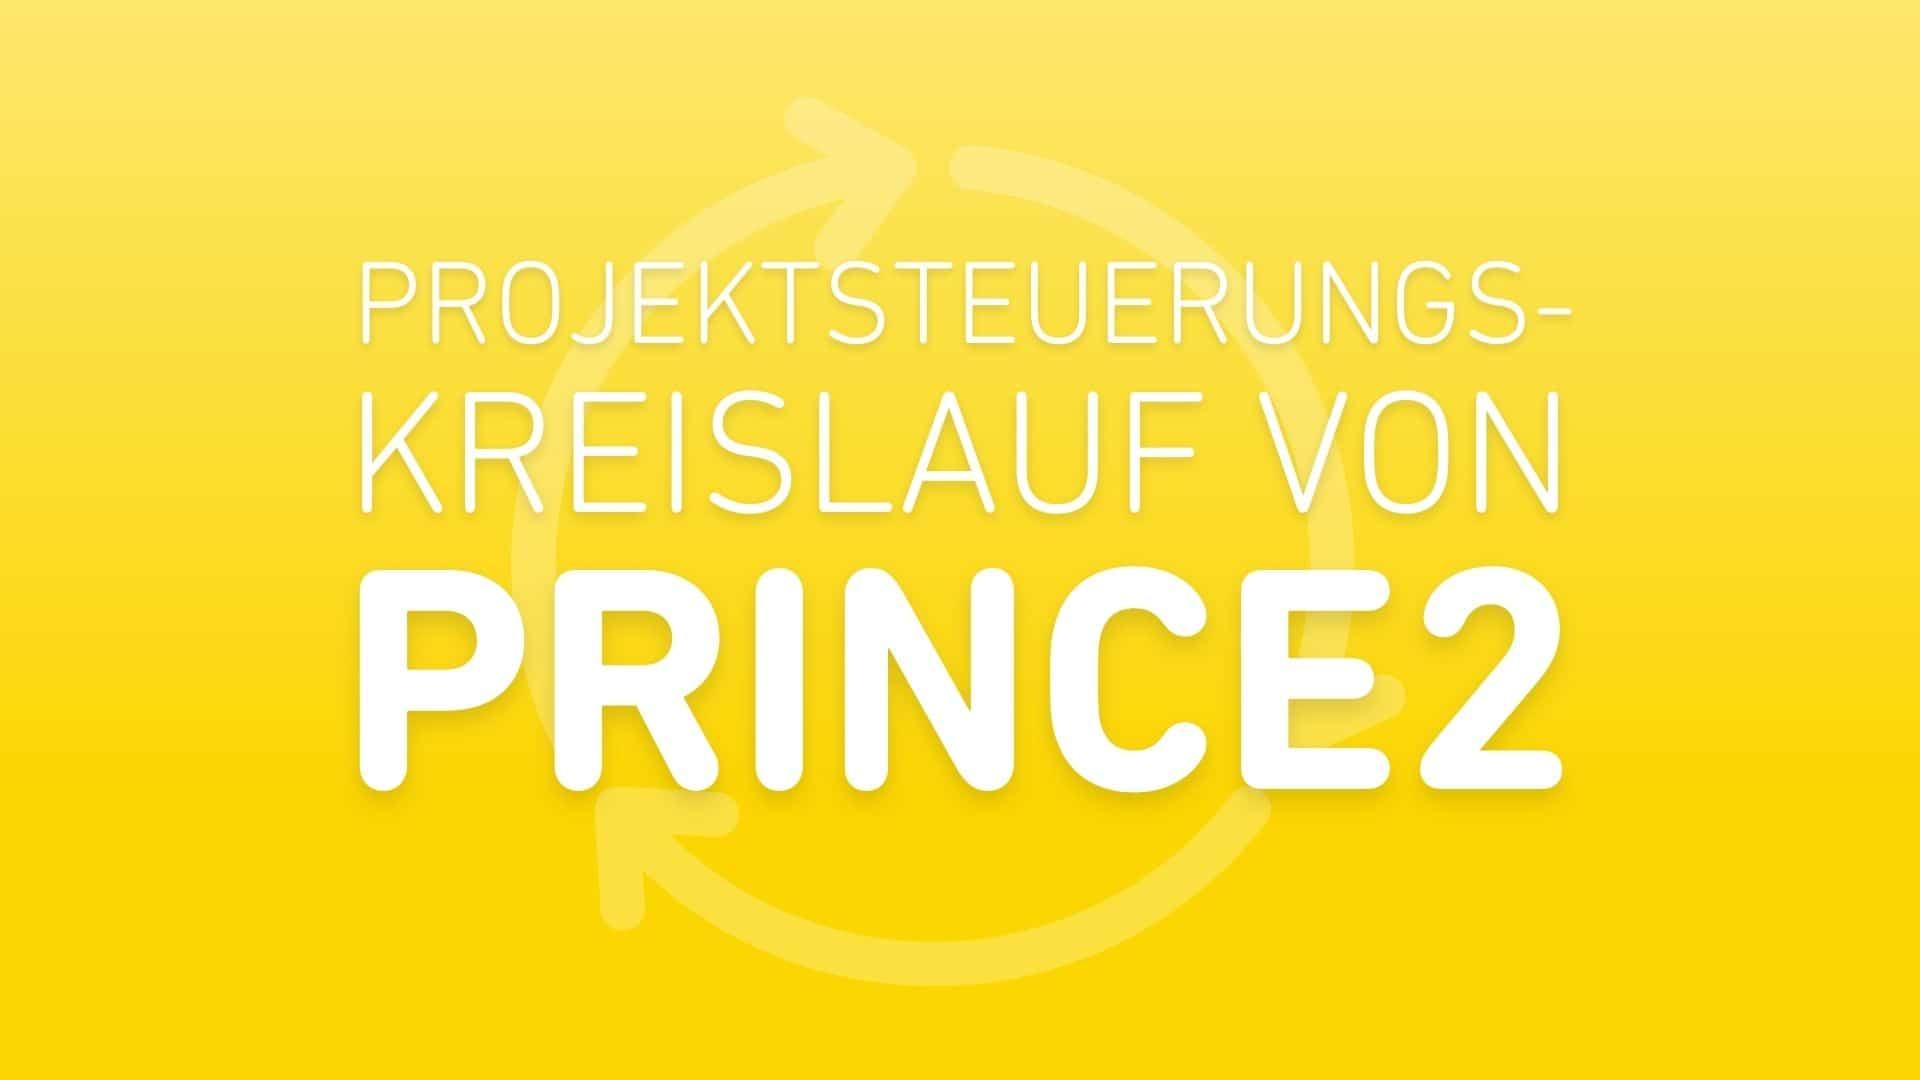 prince2-projektsteuerungskreislauf